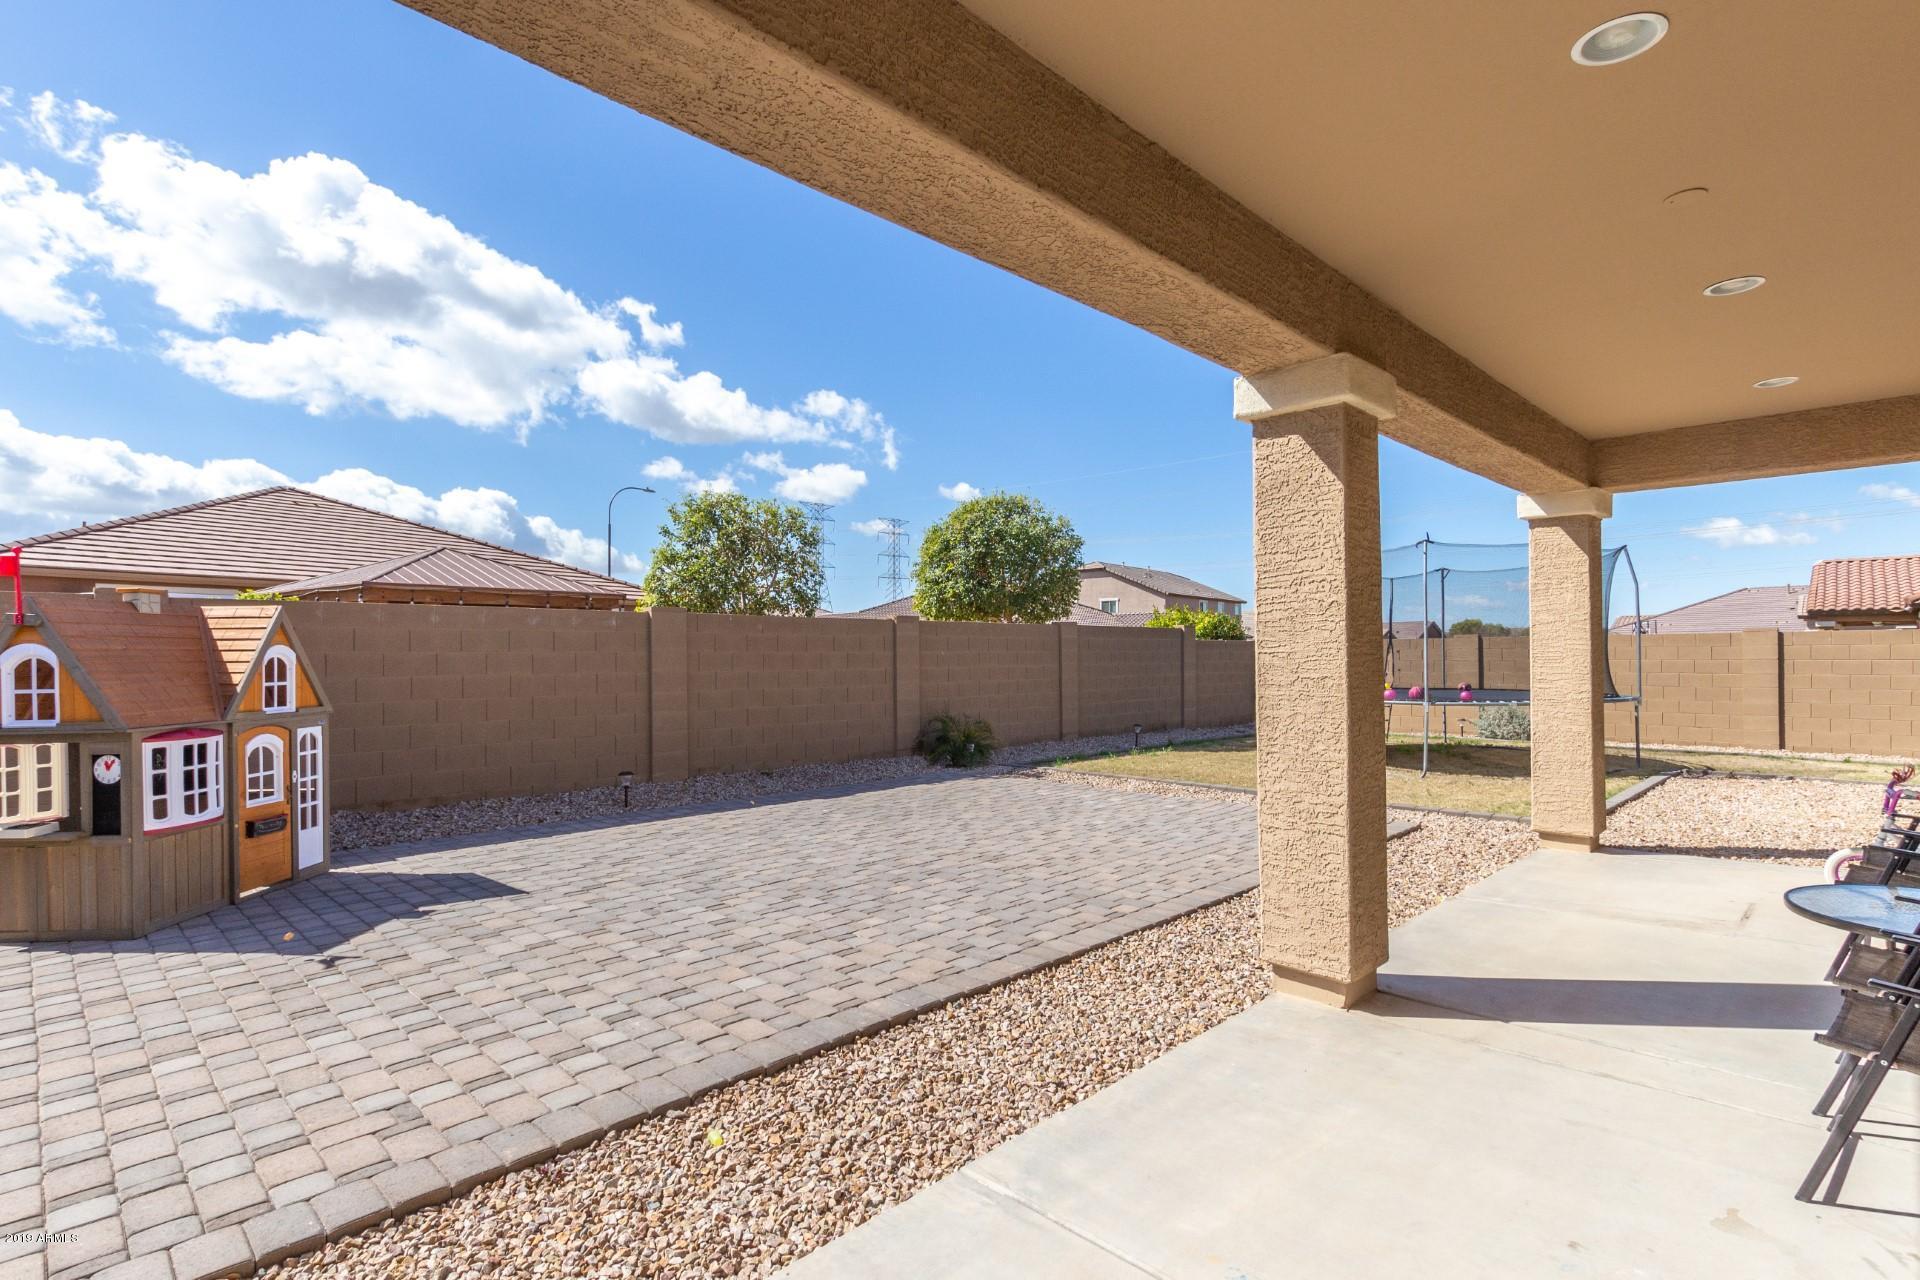 MLS 5899661 12021 W CHASE Lane, Avondale, AZ 85323 Avondale AZ Newly Built